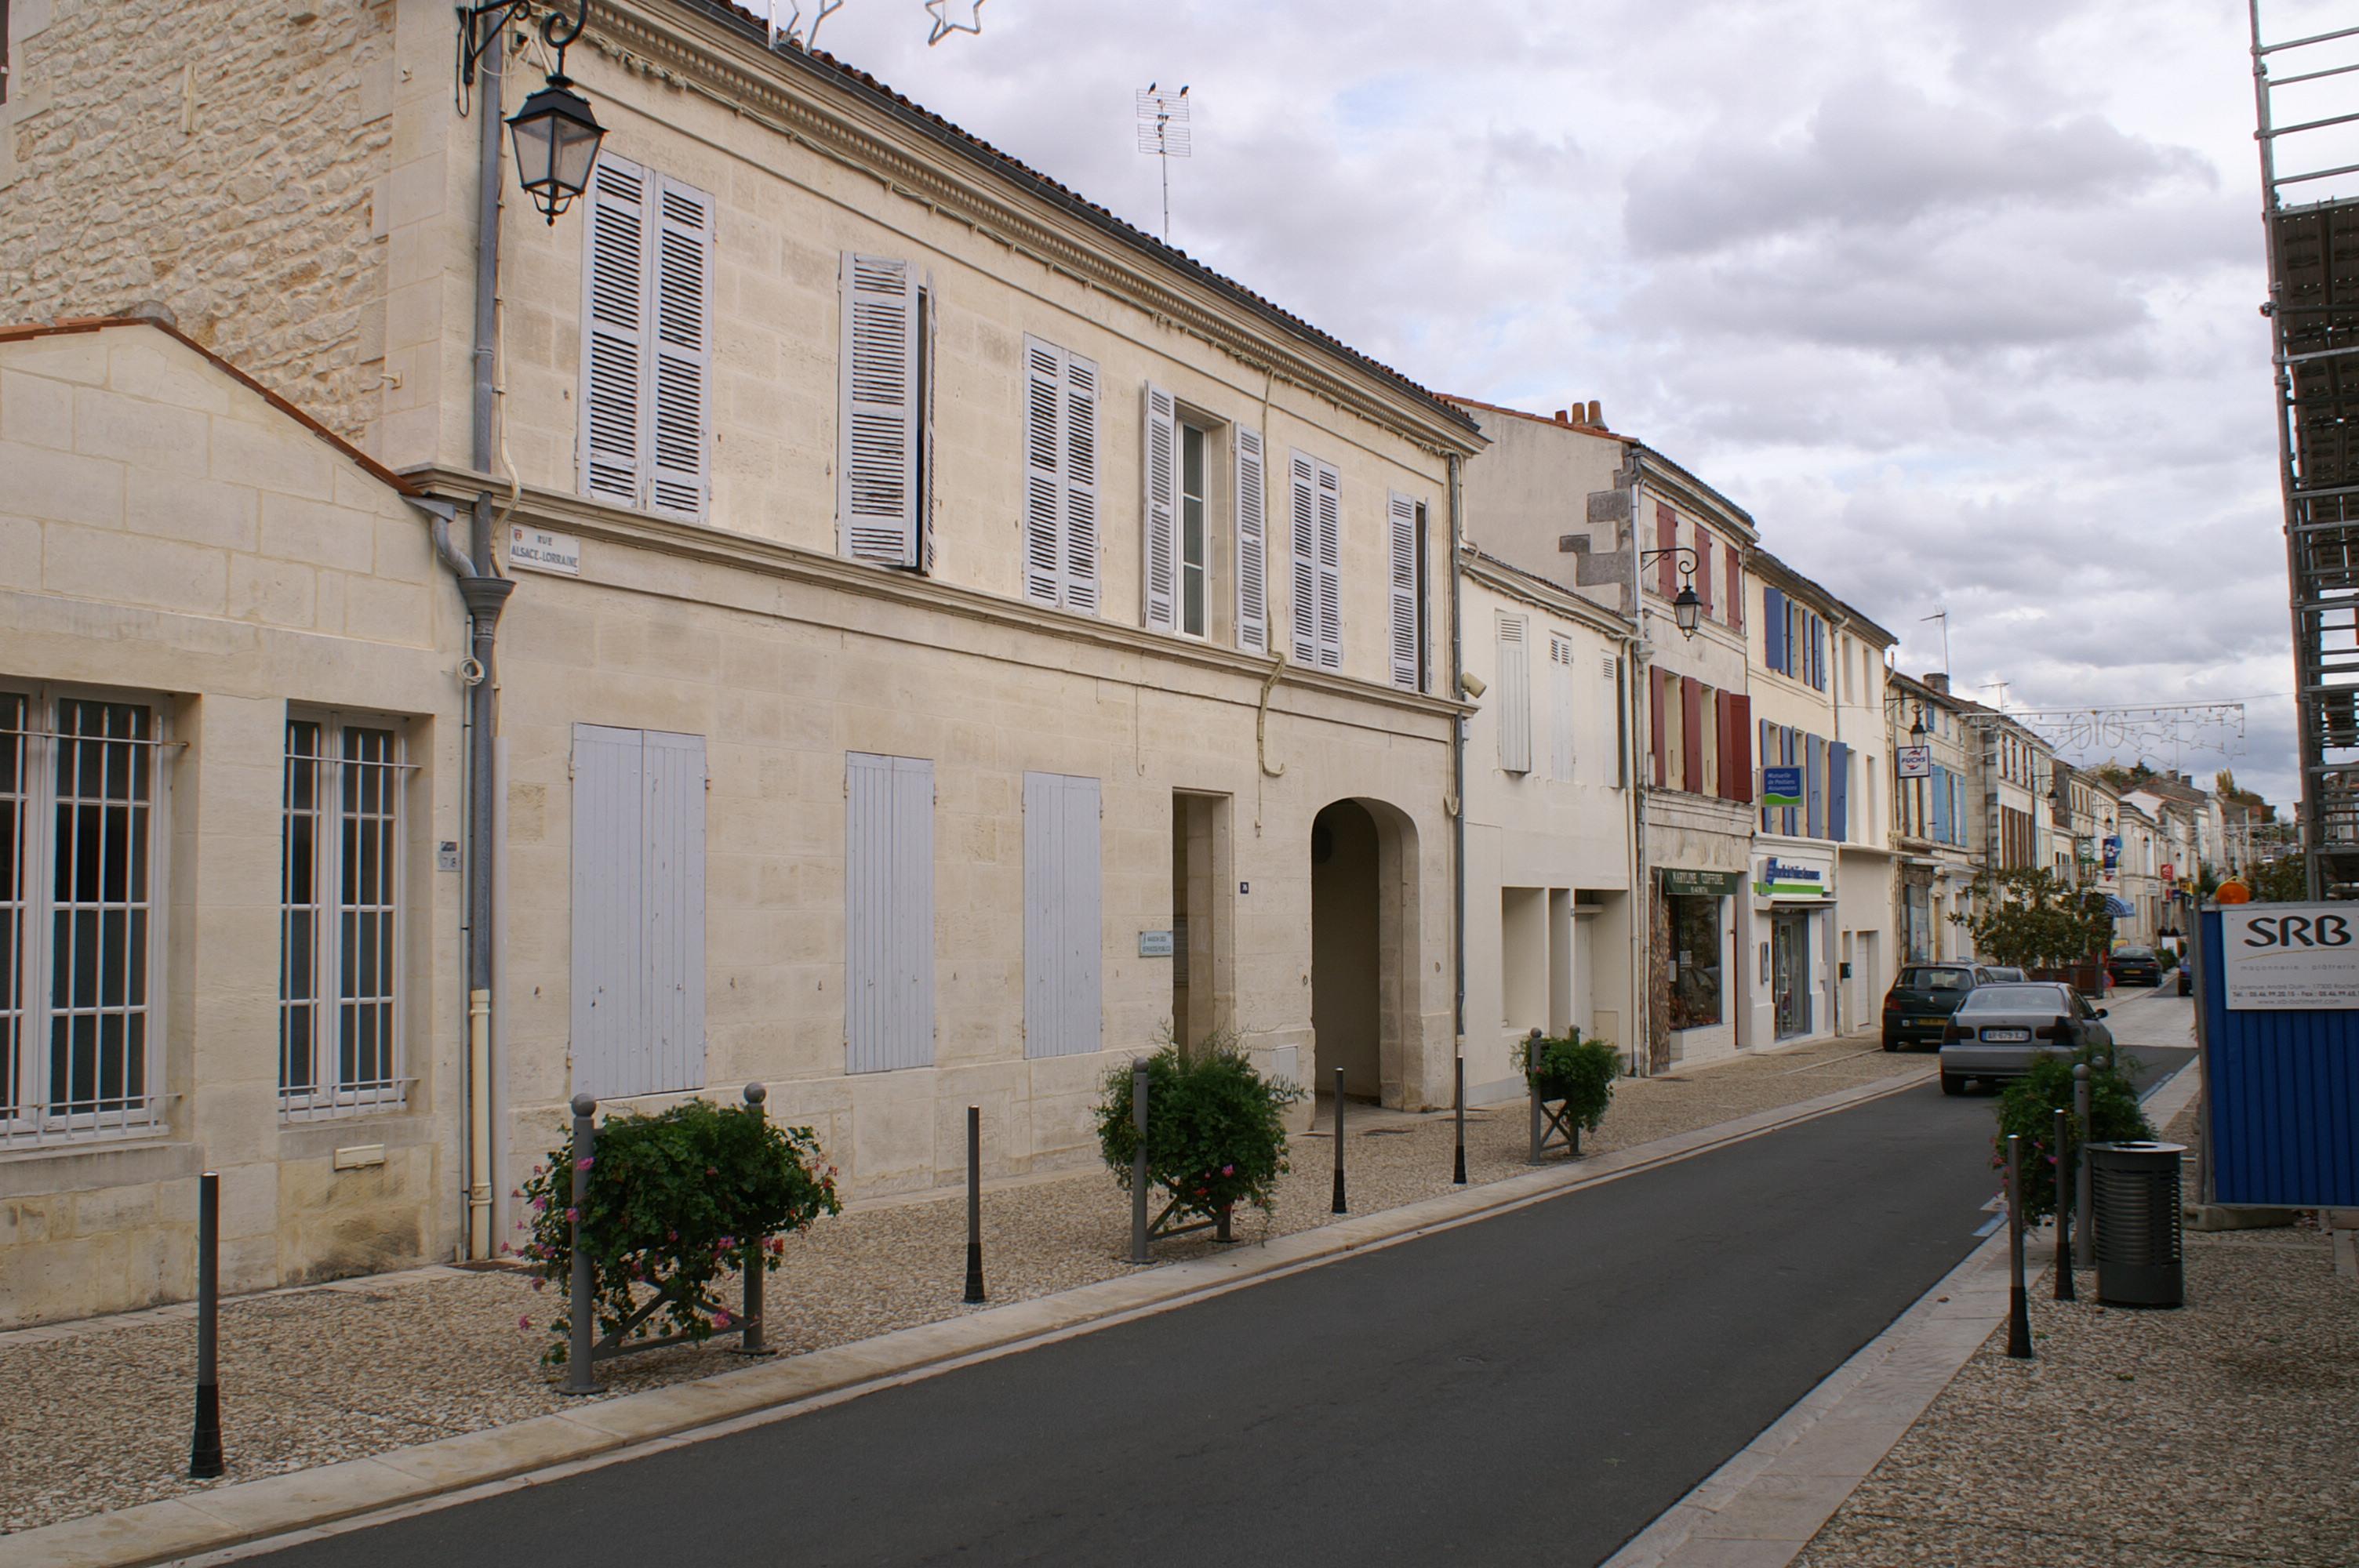 Tonnay-Charente France  city photo : ... publics, Tonnay Charente, Charente Maritime, France 20101030